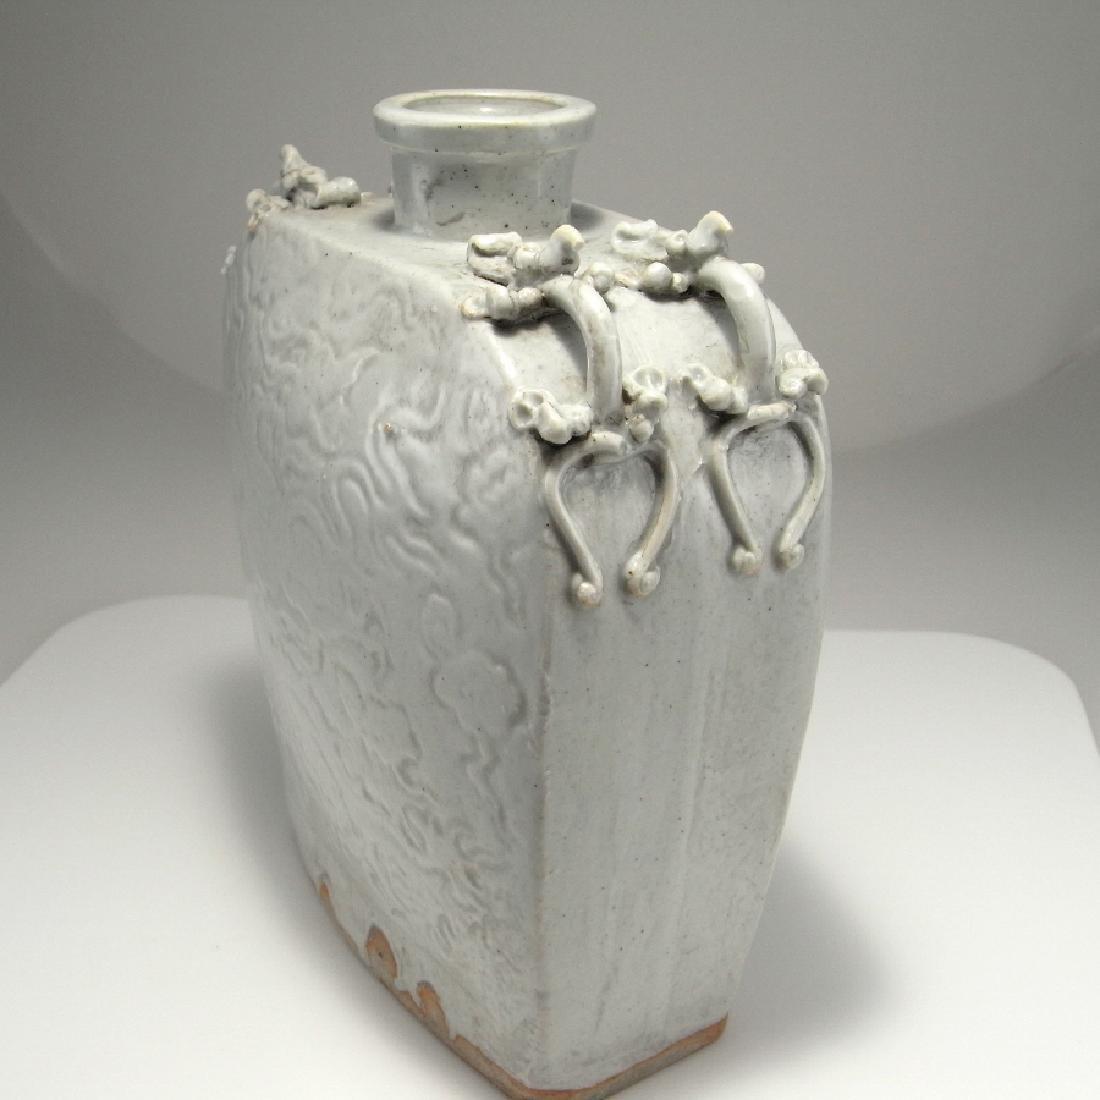 Yuan Dynasty White Wine Vessel Flask - 2